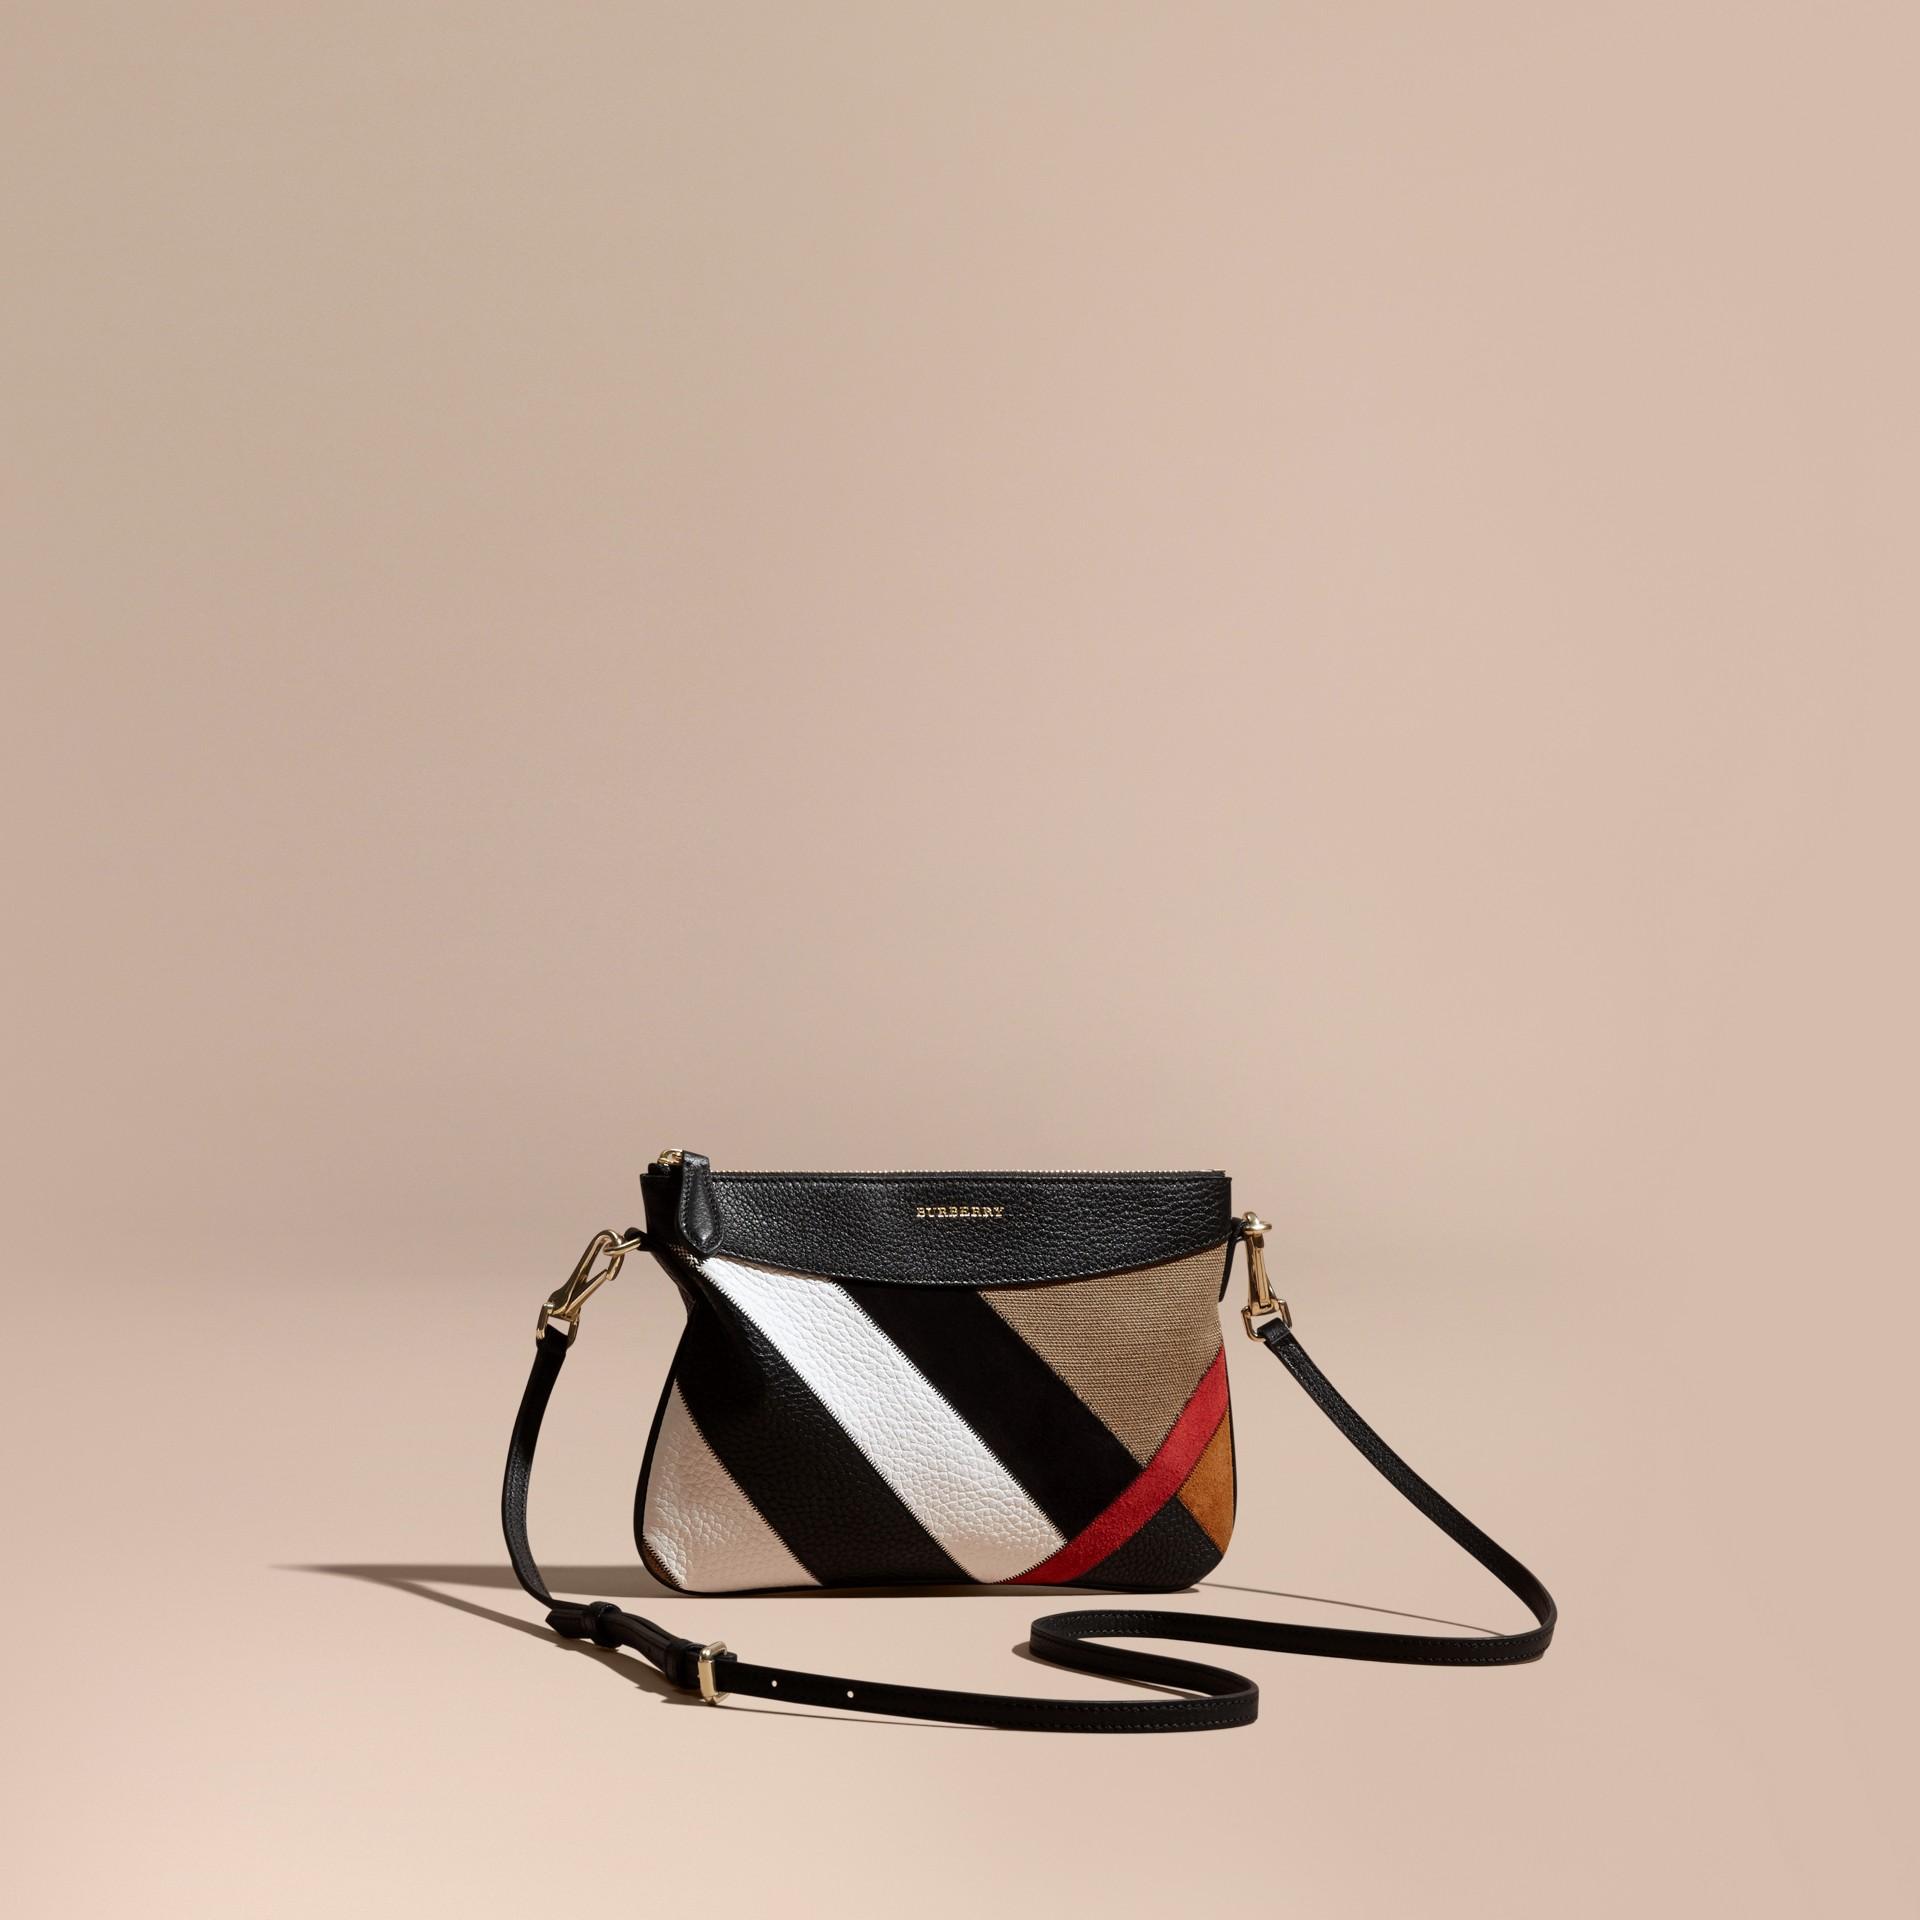 Noir Clutch façon patchwork en cuir, cuir velours et jute de coton à motif check - photo de la galerie 1